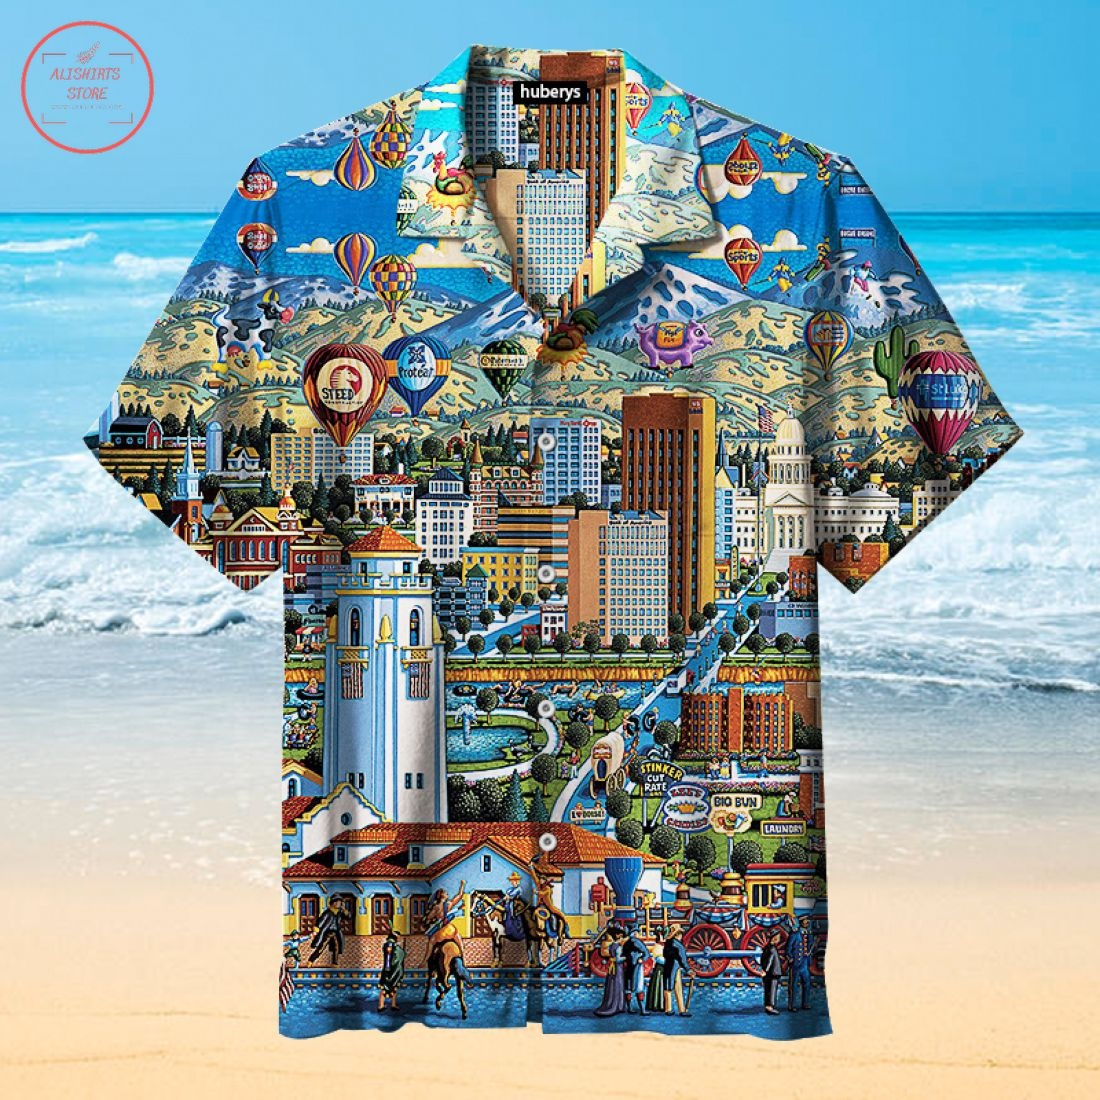 The City of Trees Boise Hawaiian Shirt